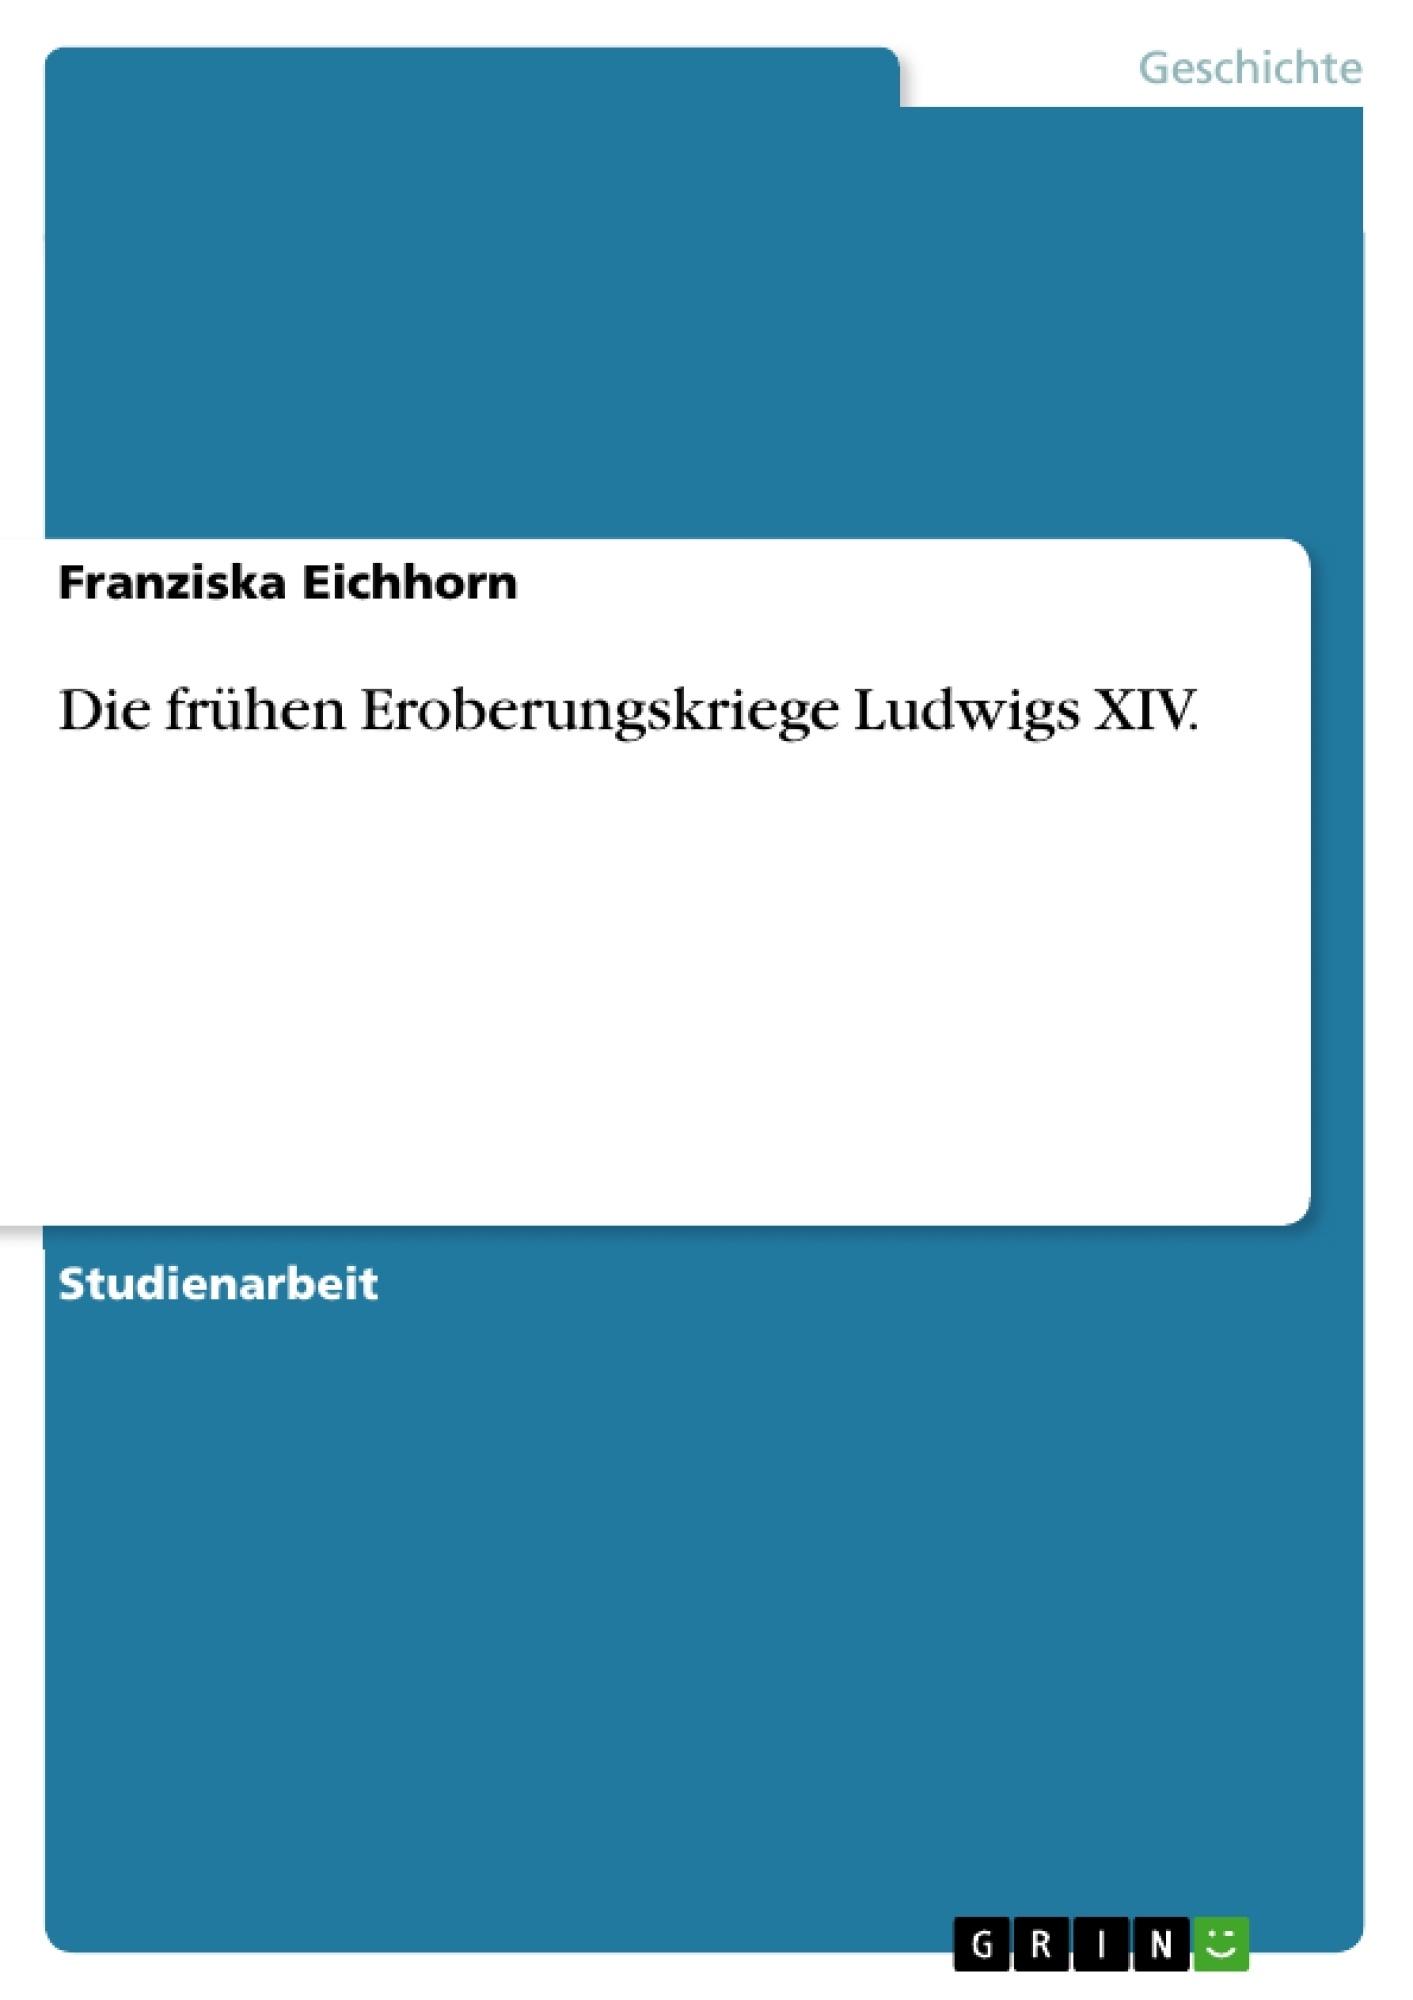 Titel: Die frühen Eroberungskriege Ludwigs XIV.